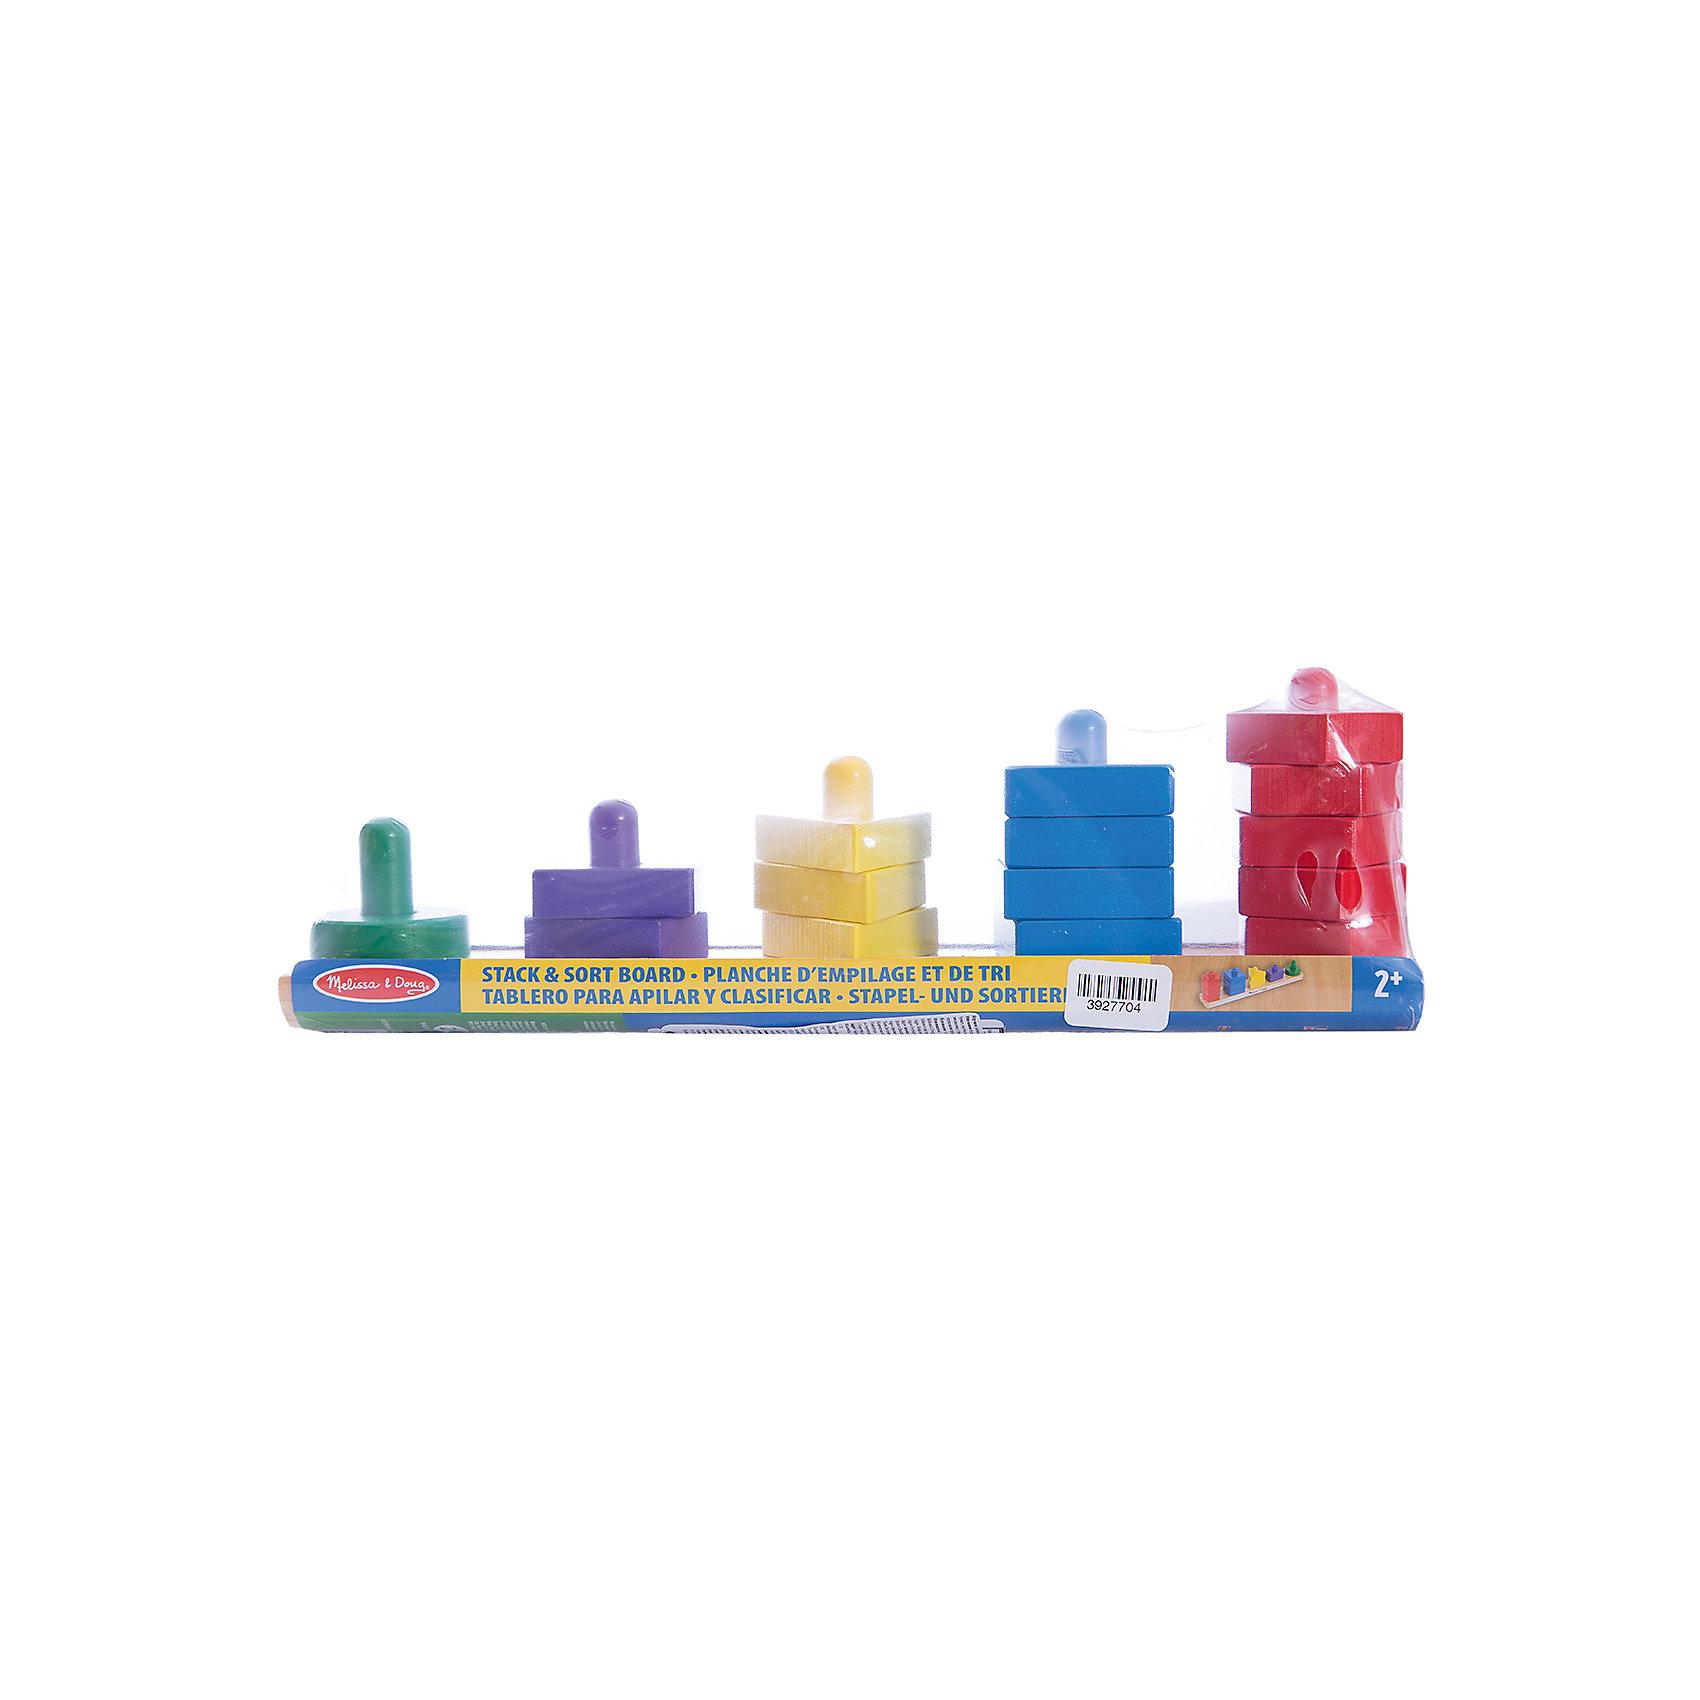 Пирамидки на доске, Melissa &amp; DougПрекрасная развивающая игра - деревянные пирамидки на доске от известного бренда Melissa &amp; Doug для ребенка. Легко и ненавязчиво знакомит малыша с базовыми цветами и геометрическими формами, а также учит считать в пределах 5. Обладает следующими особенностями:<br>- экологически чистые материалы, приятные на ощупь, безопасные красители;<br>- яркие цвета;<br>- доска с 5 штырьками, 15 небольших элементов.<br>Простая и эффективная развивающая игра для малышей.<br><br>Дополнительная информация:<br>- вес: 498 гр;<br>- габариты: 110х330х60 мм;<br>- рекомендуемый возраст: от 6 месяцев с участием взрослых.<br><br>Пирамидки на доске Melissa &amp; Doug можно купить в нашем магазине<br><br>Ширина мм: 110<br>Глубина мм: 330<br>Высота мм: 60<br>Вес г: 498<br>Возраст от месяцев: 24<br>Возраст до месяцев: 60<br>Пол: Унисекс<br>Возраст: Детский<br>SKU: 3927704